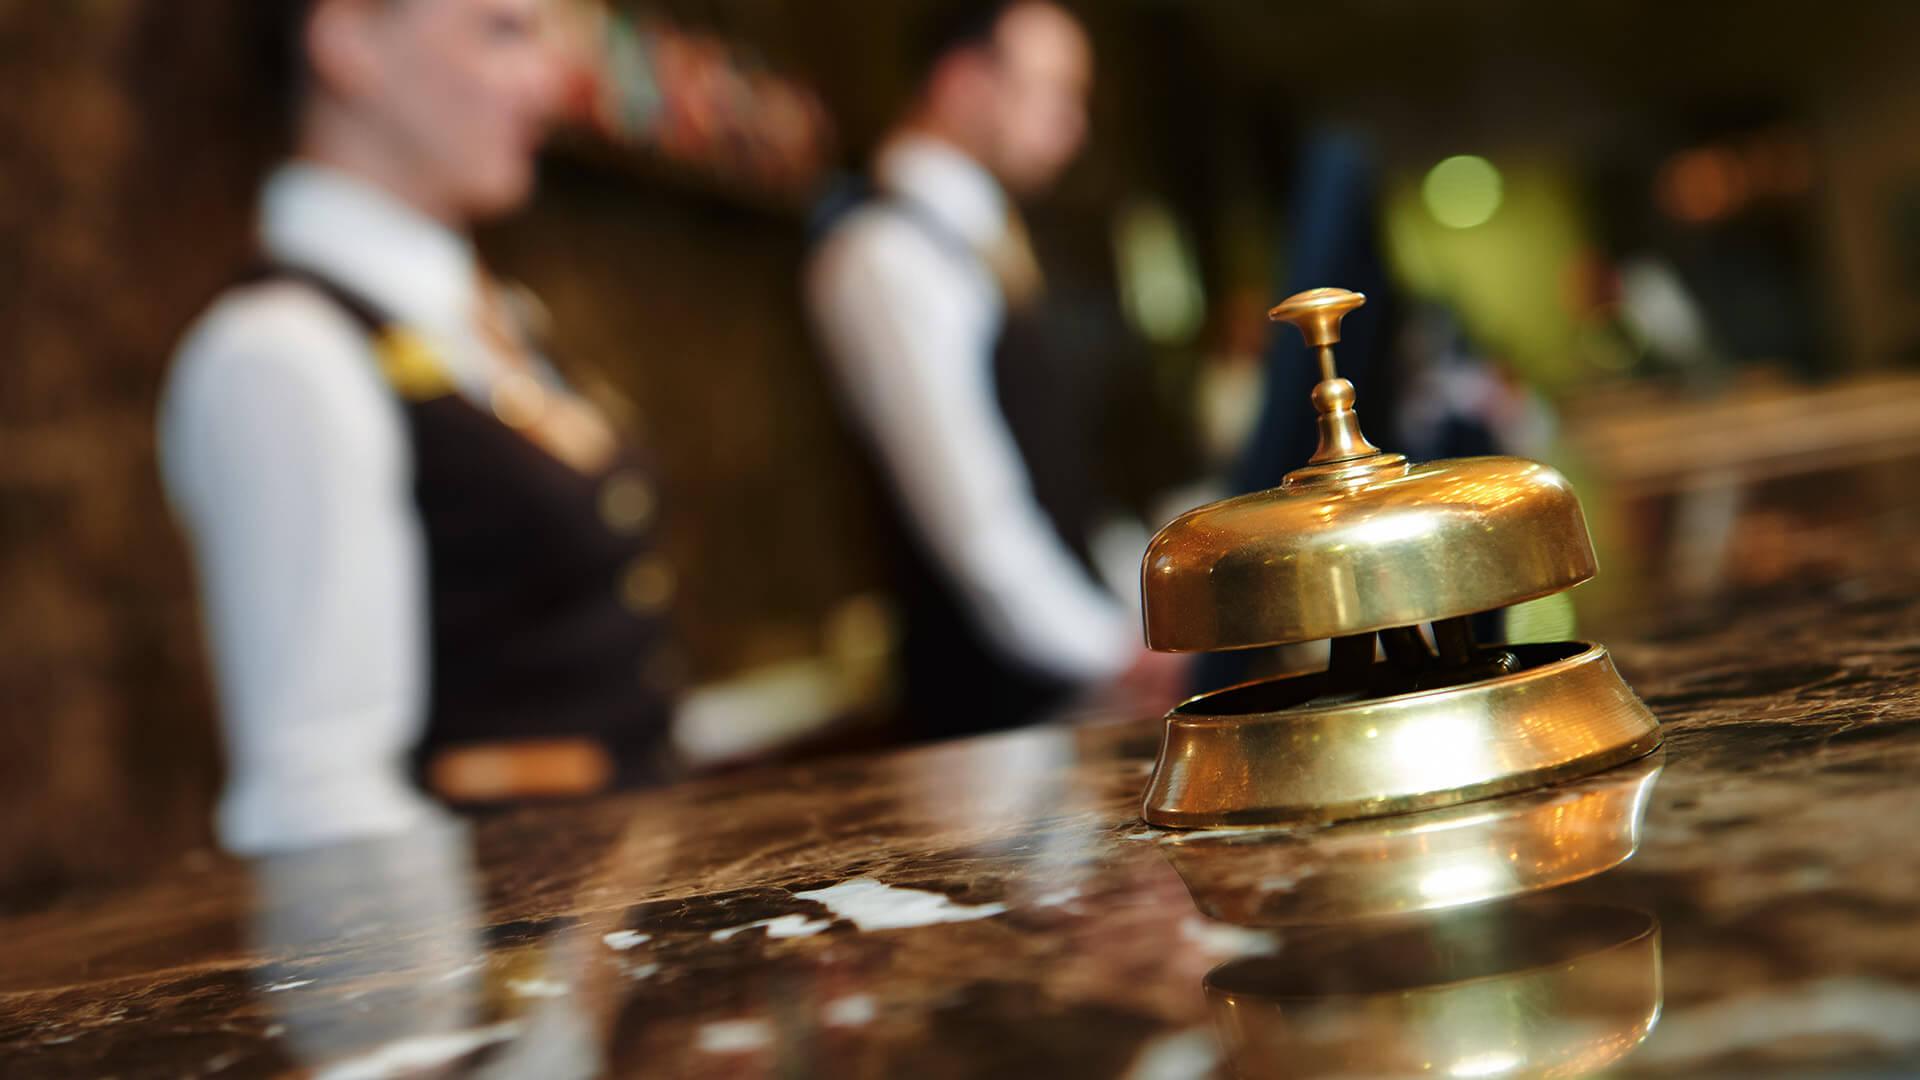 hotel-bell-customer-service-ss-1920.jpg